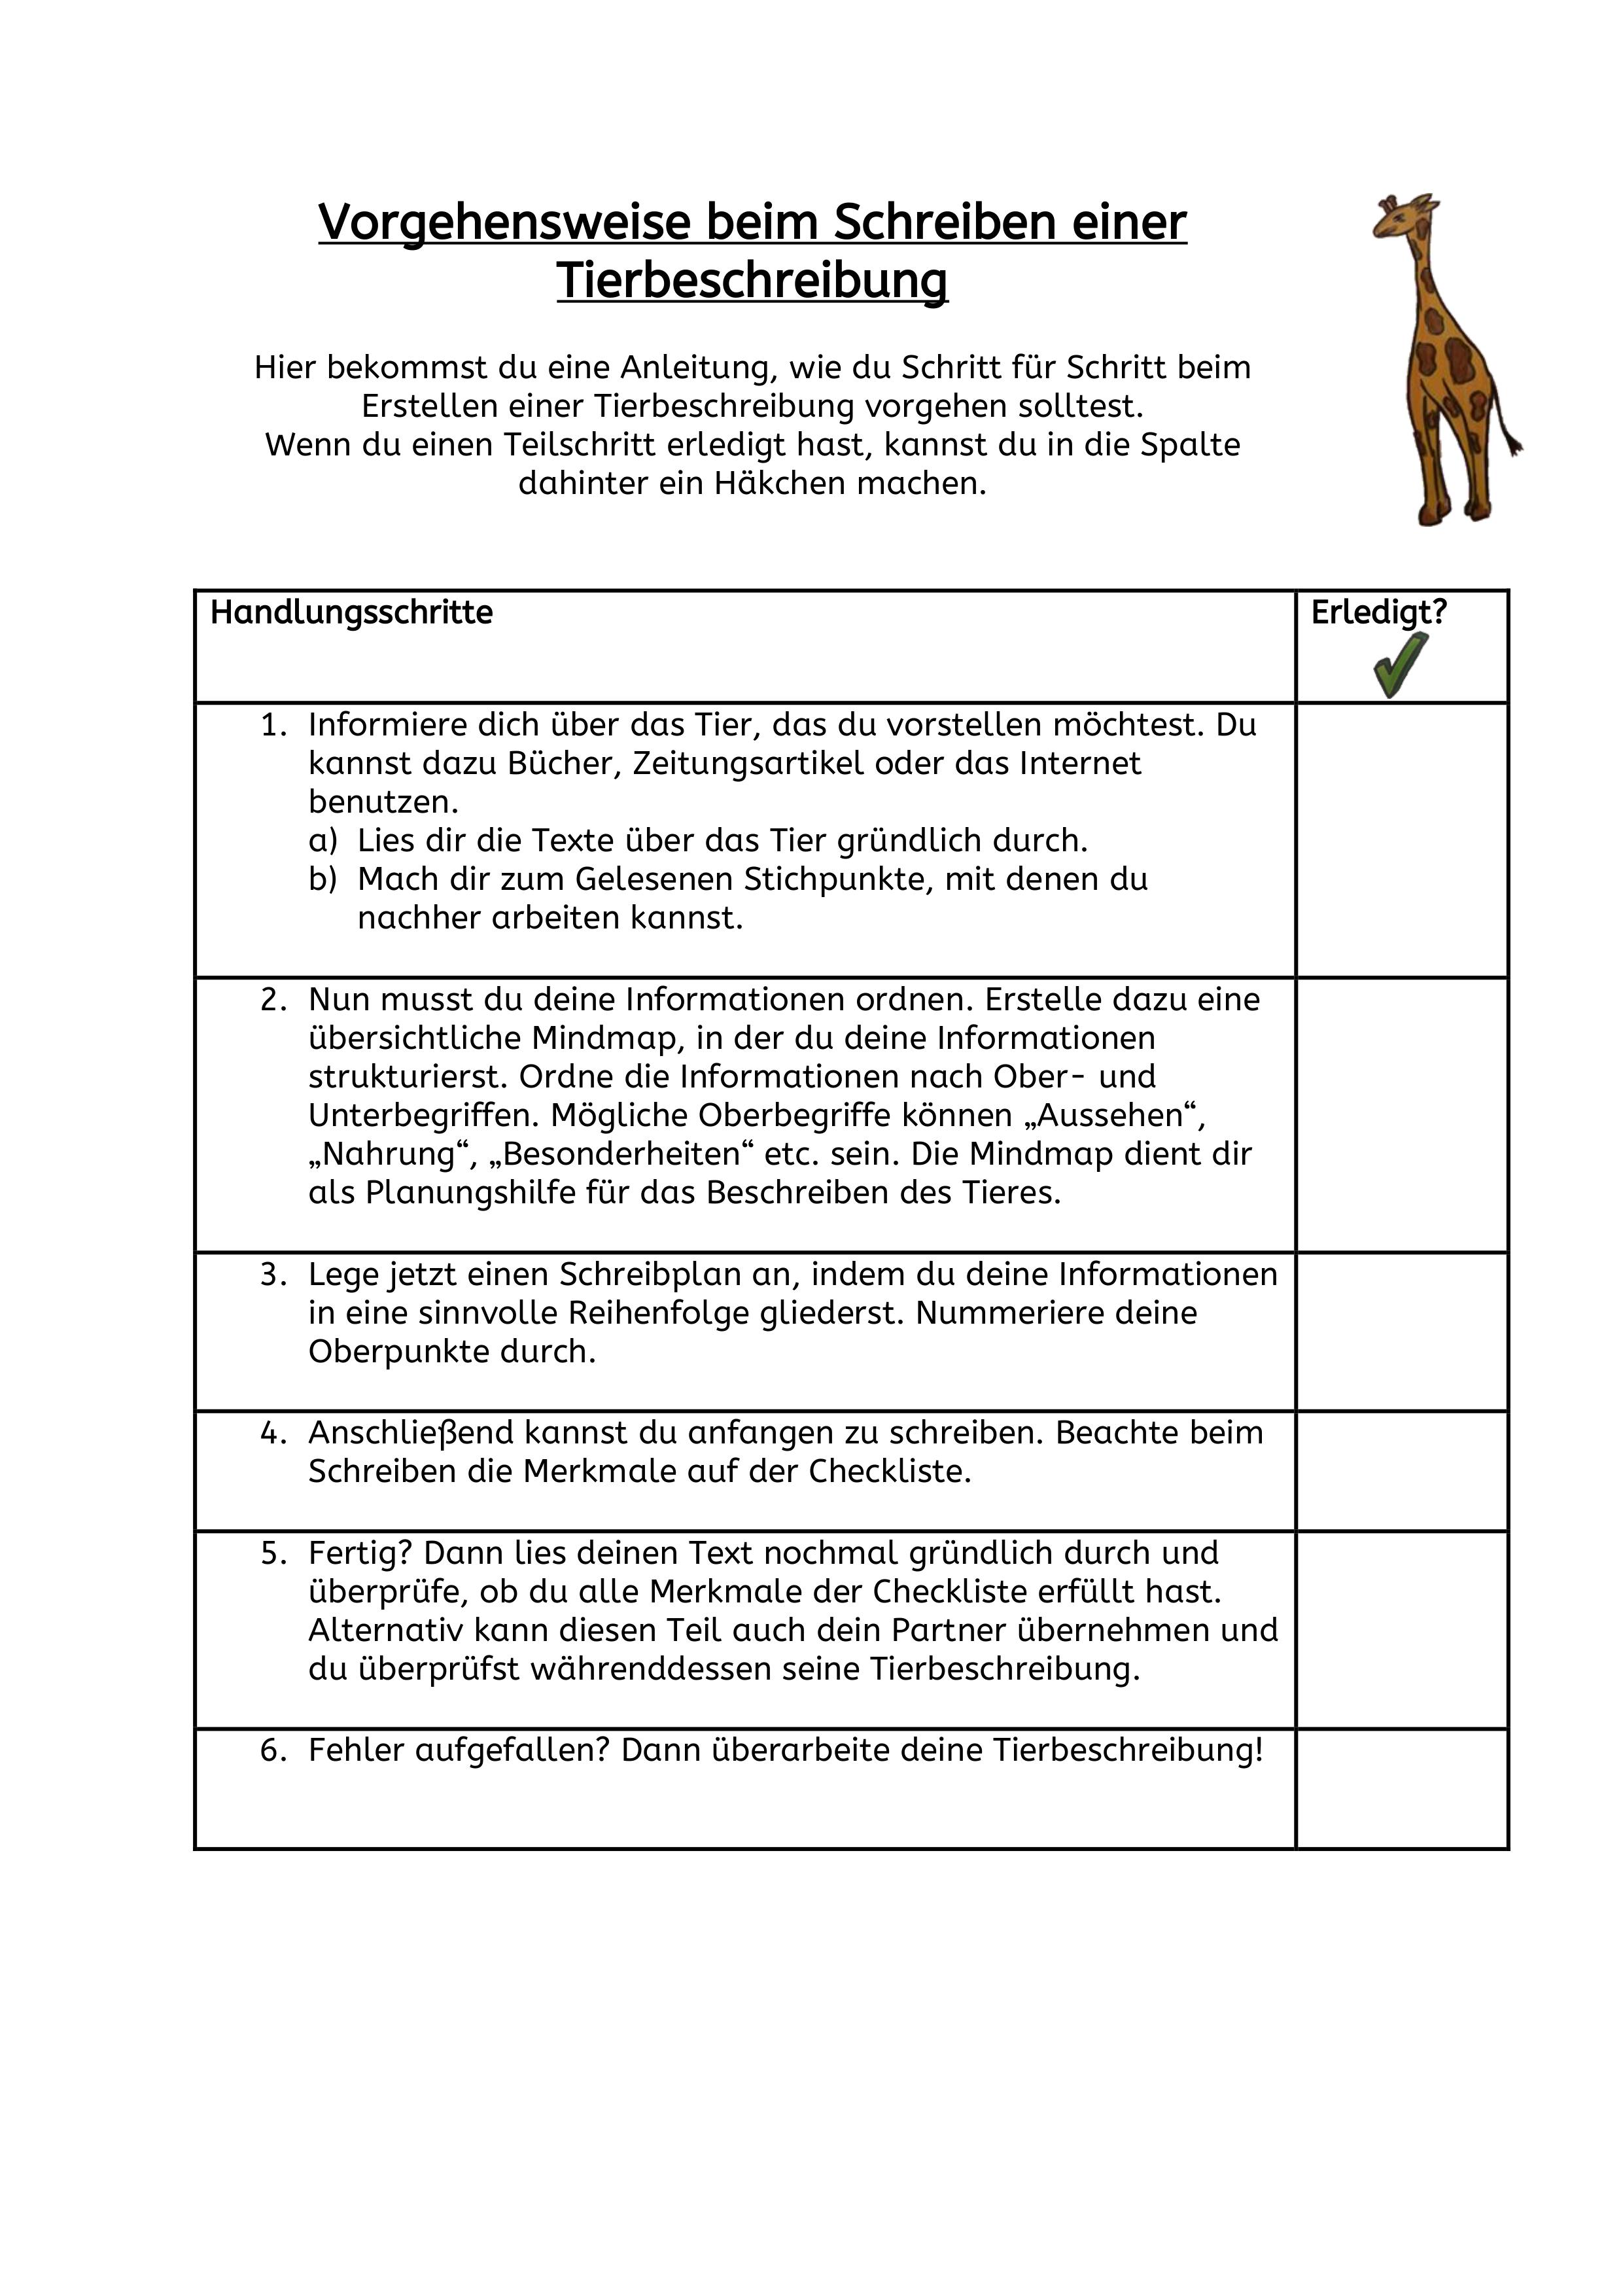 Tierbeschreibung Unterrichtsmaterial Im Fach Deutsch Checklisten Vorlage Unterrichtsmaterial Deutsch Unterricht